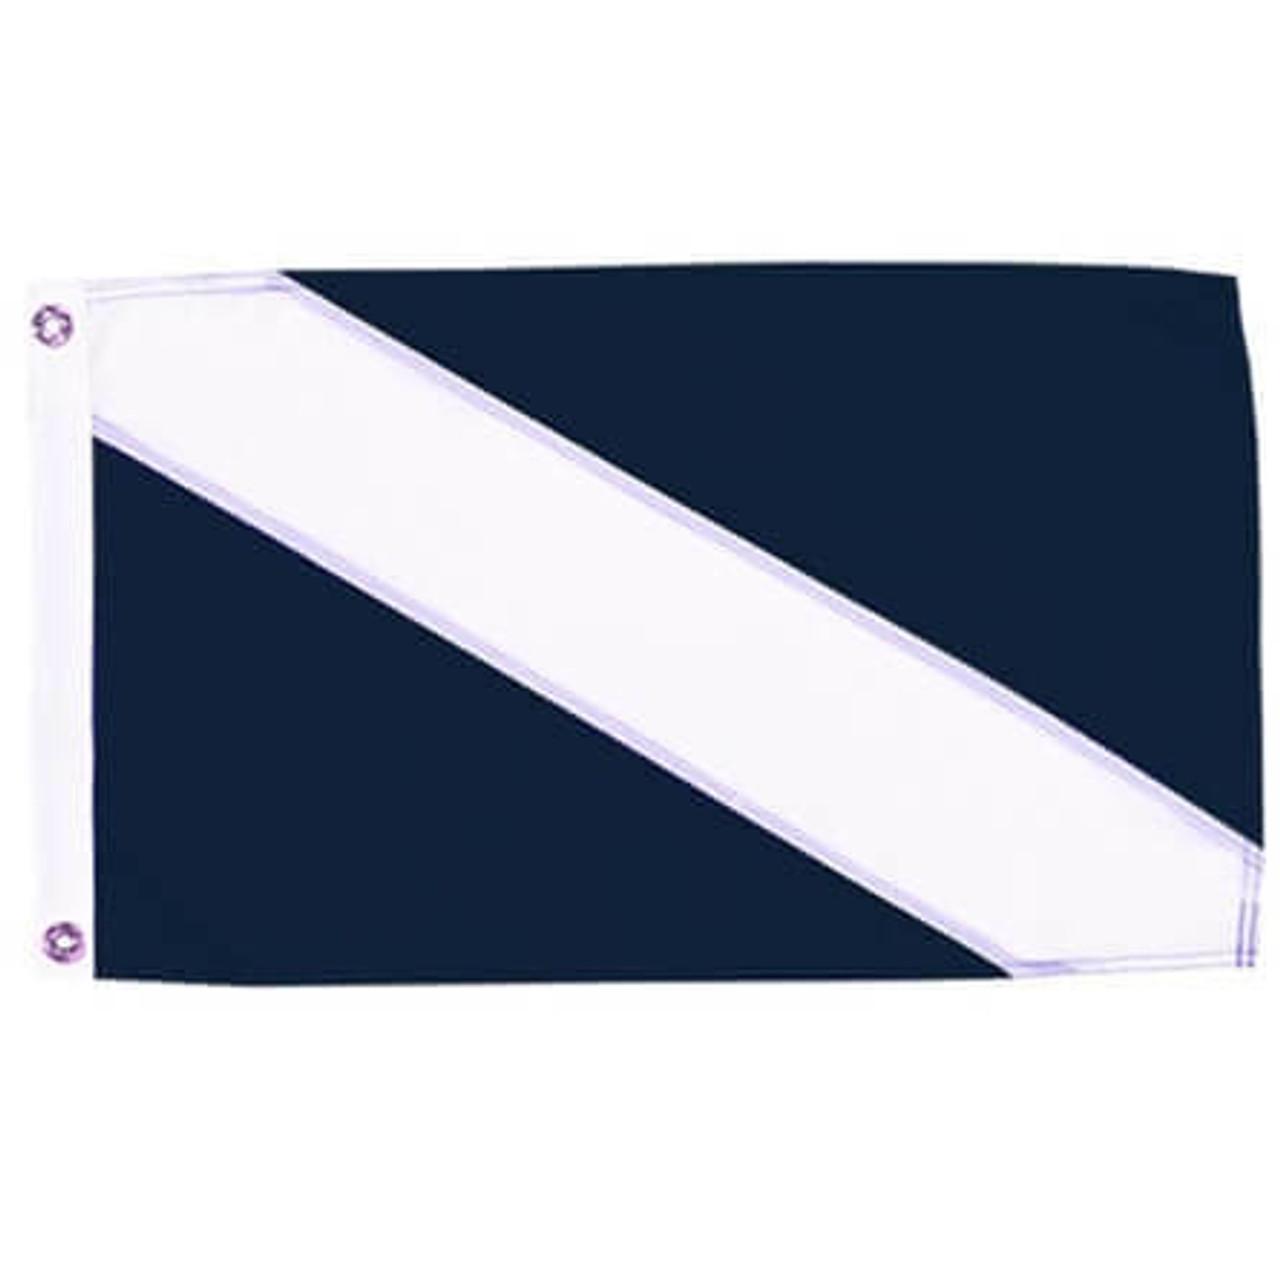 A blue rectangular flag Guest Flag with a diagonal white stripe